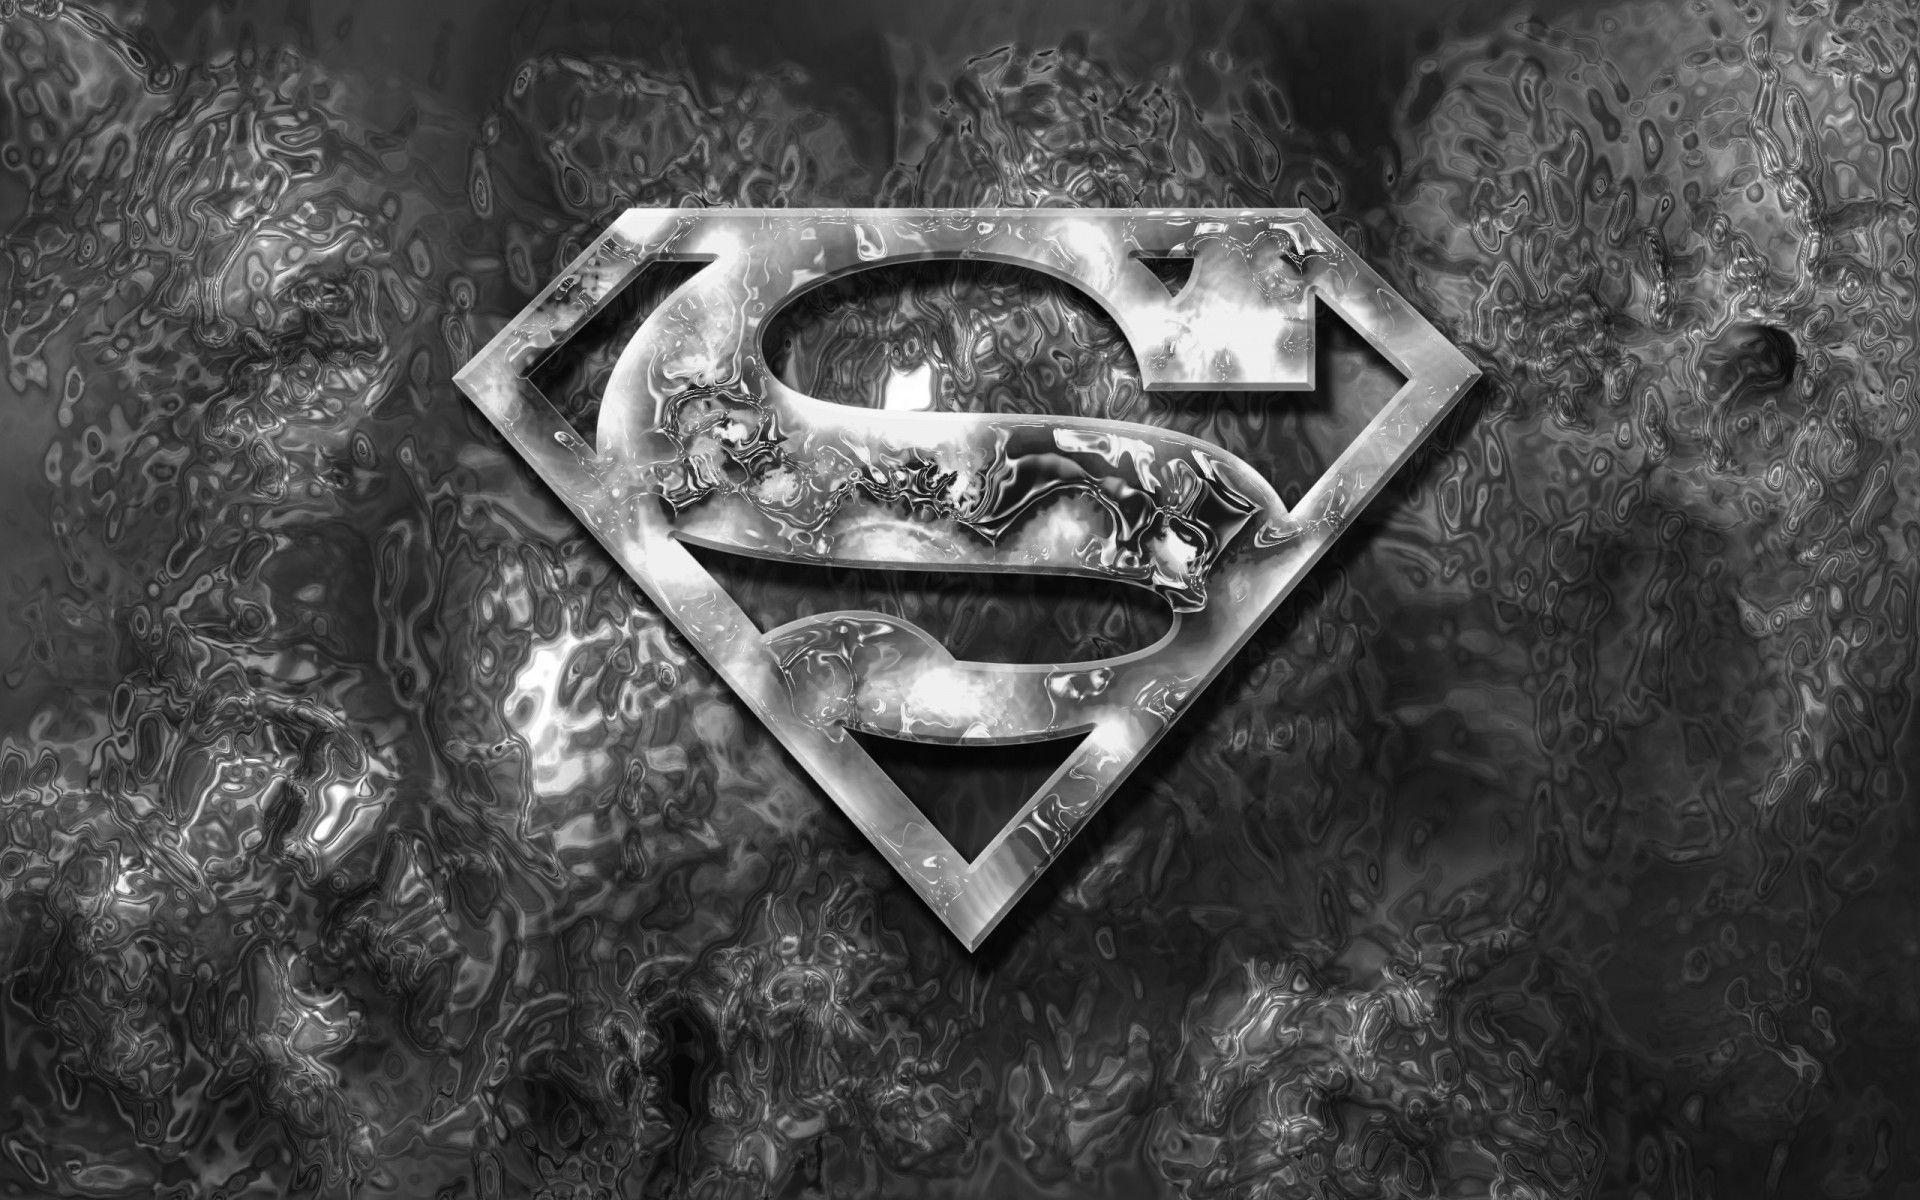 Hd wallpaper man - Man Of Steel Logo Hd Desktop Wallpaper High Definition 1920 1200 Superman Logo Wallpaper